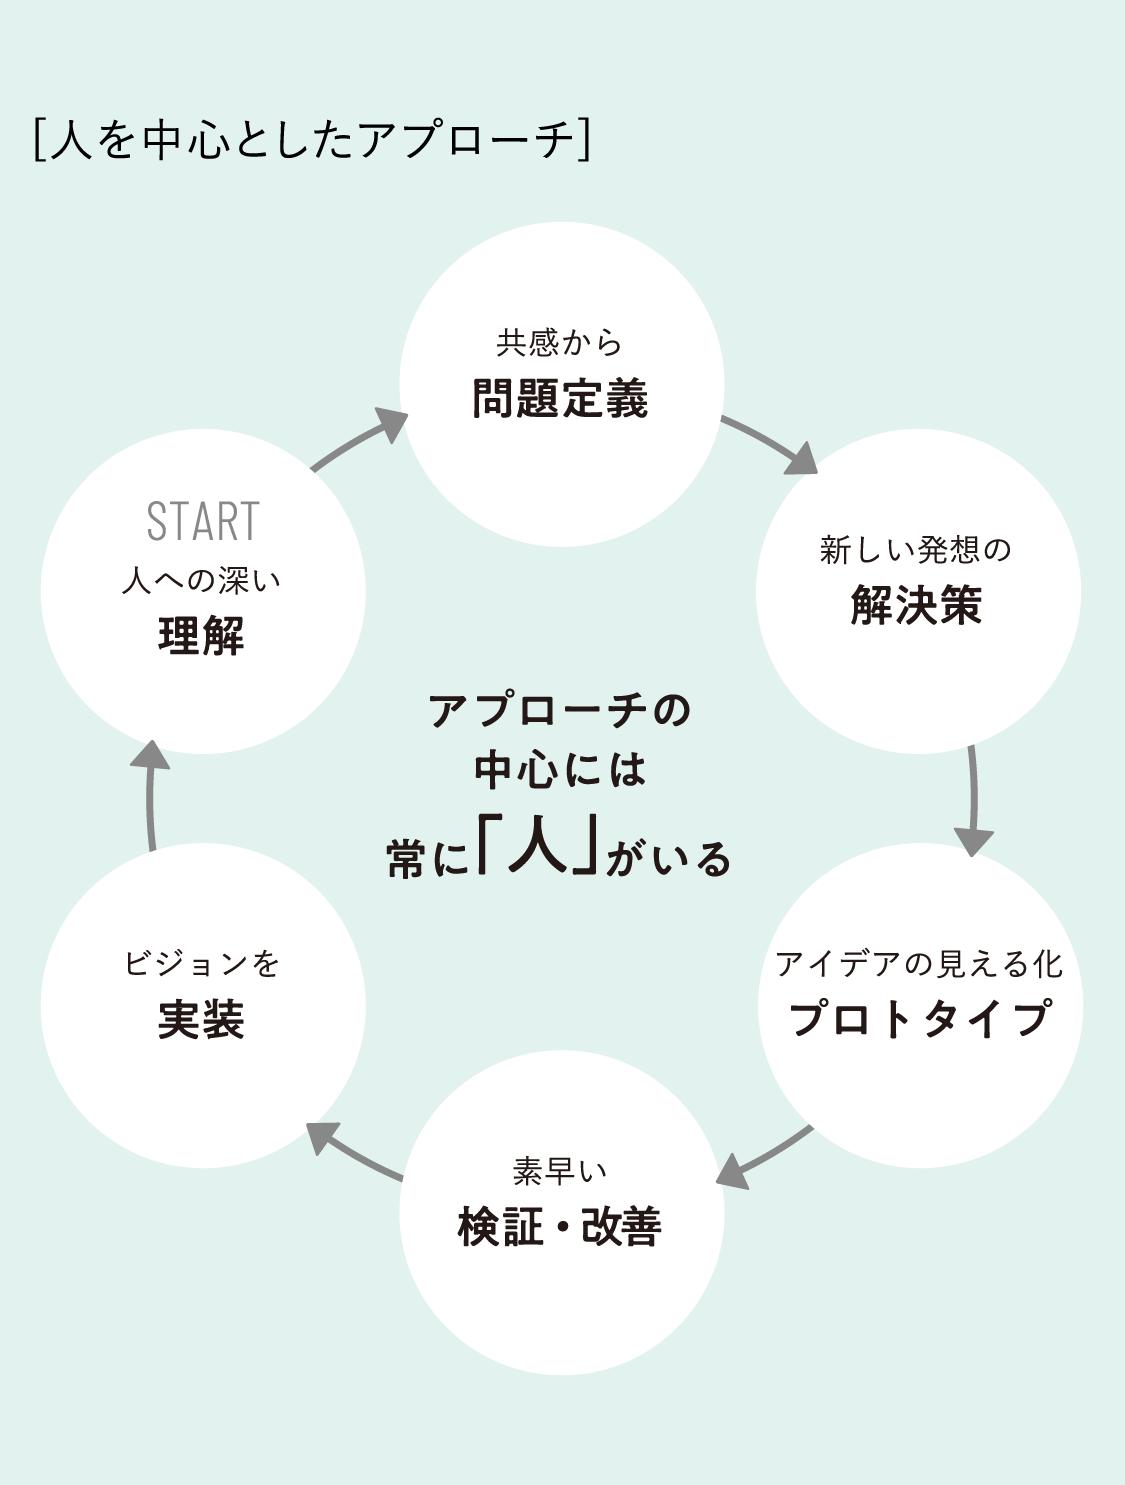 「人を中心」とした、自由な発想のデザイン戦略